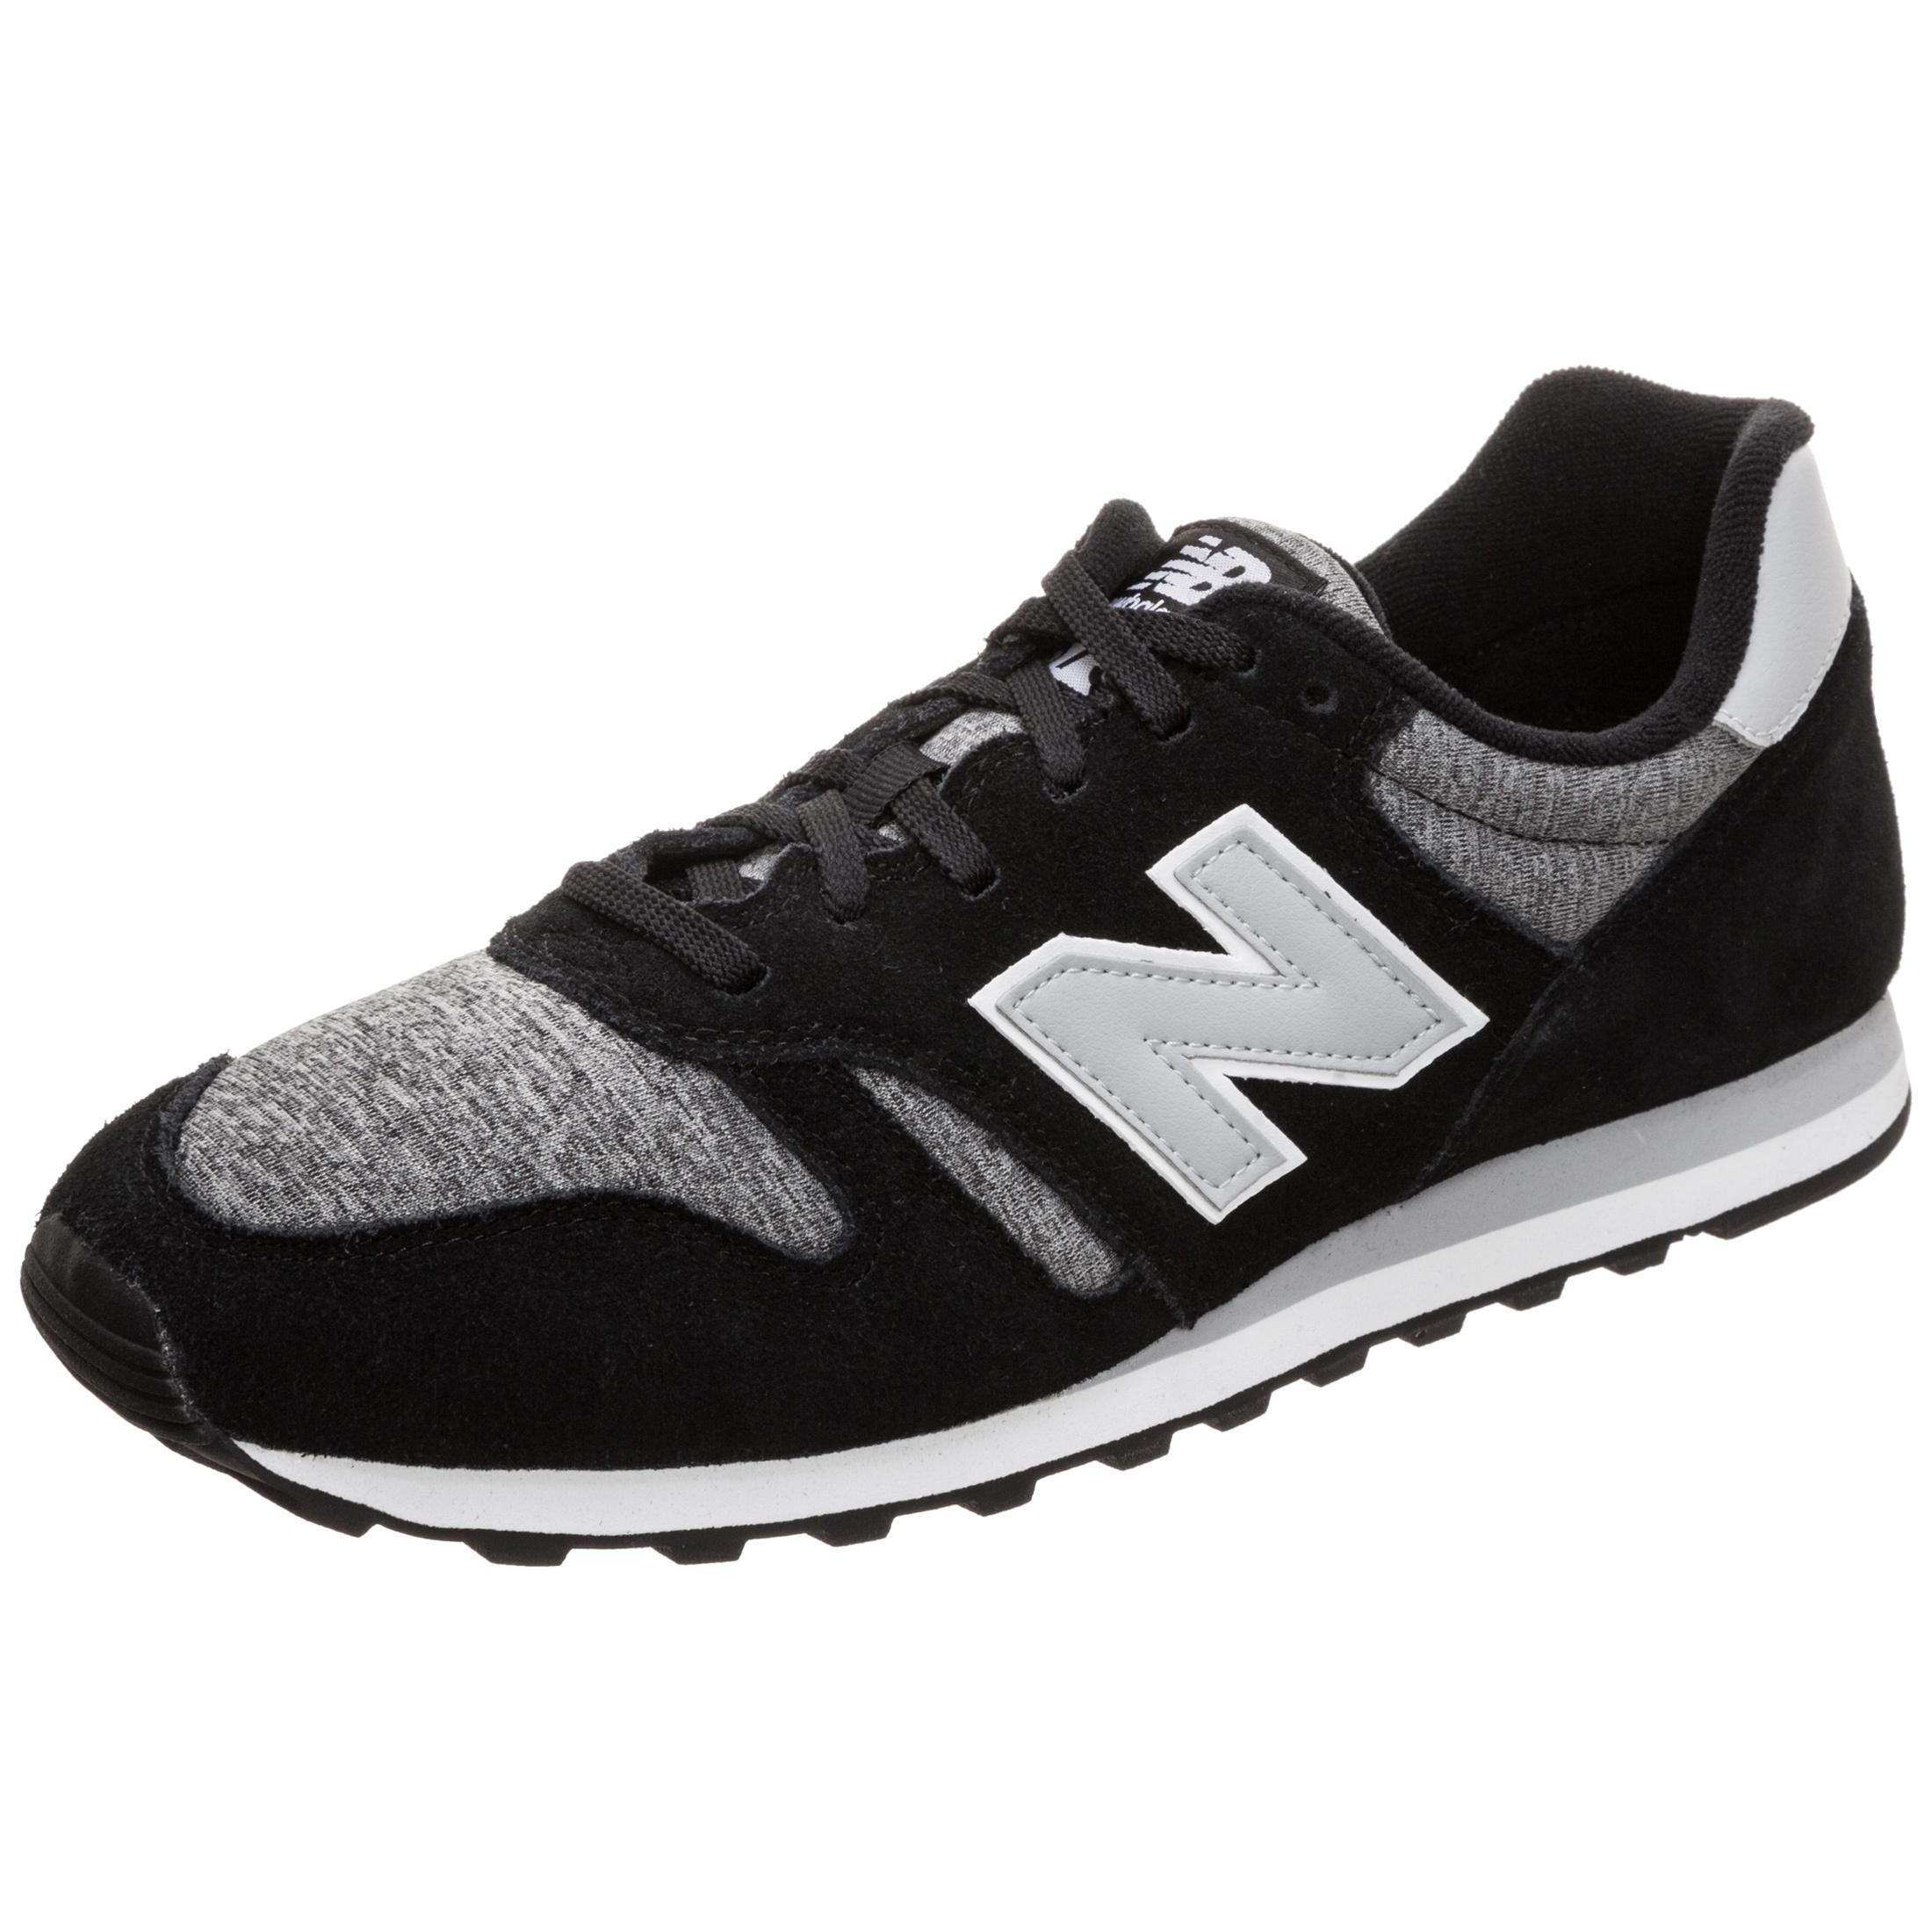 NEW BALANCE ML373-KJR-D Sneaker schwarz / grau im Online Shop von SportScheck kaufen Gute Qualität beliebte Schuhe